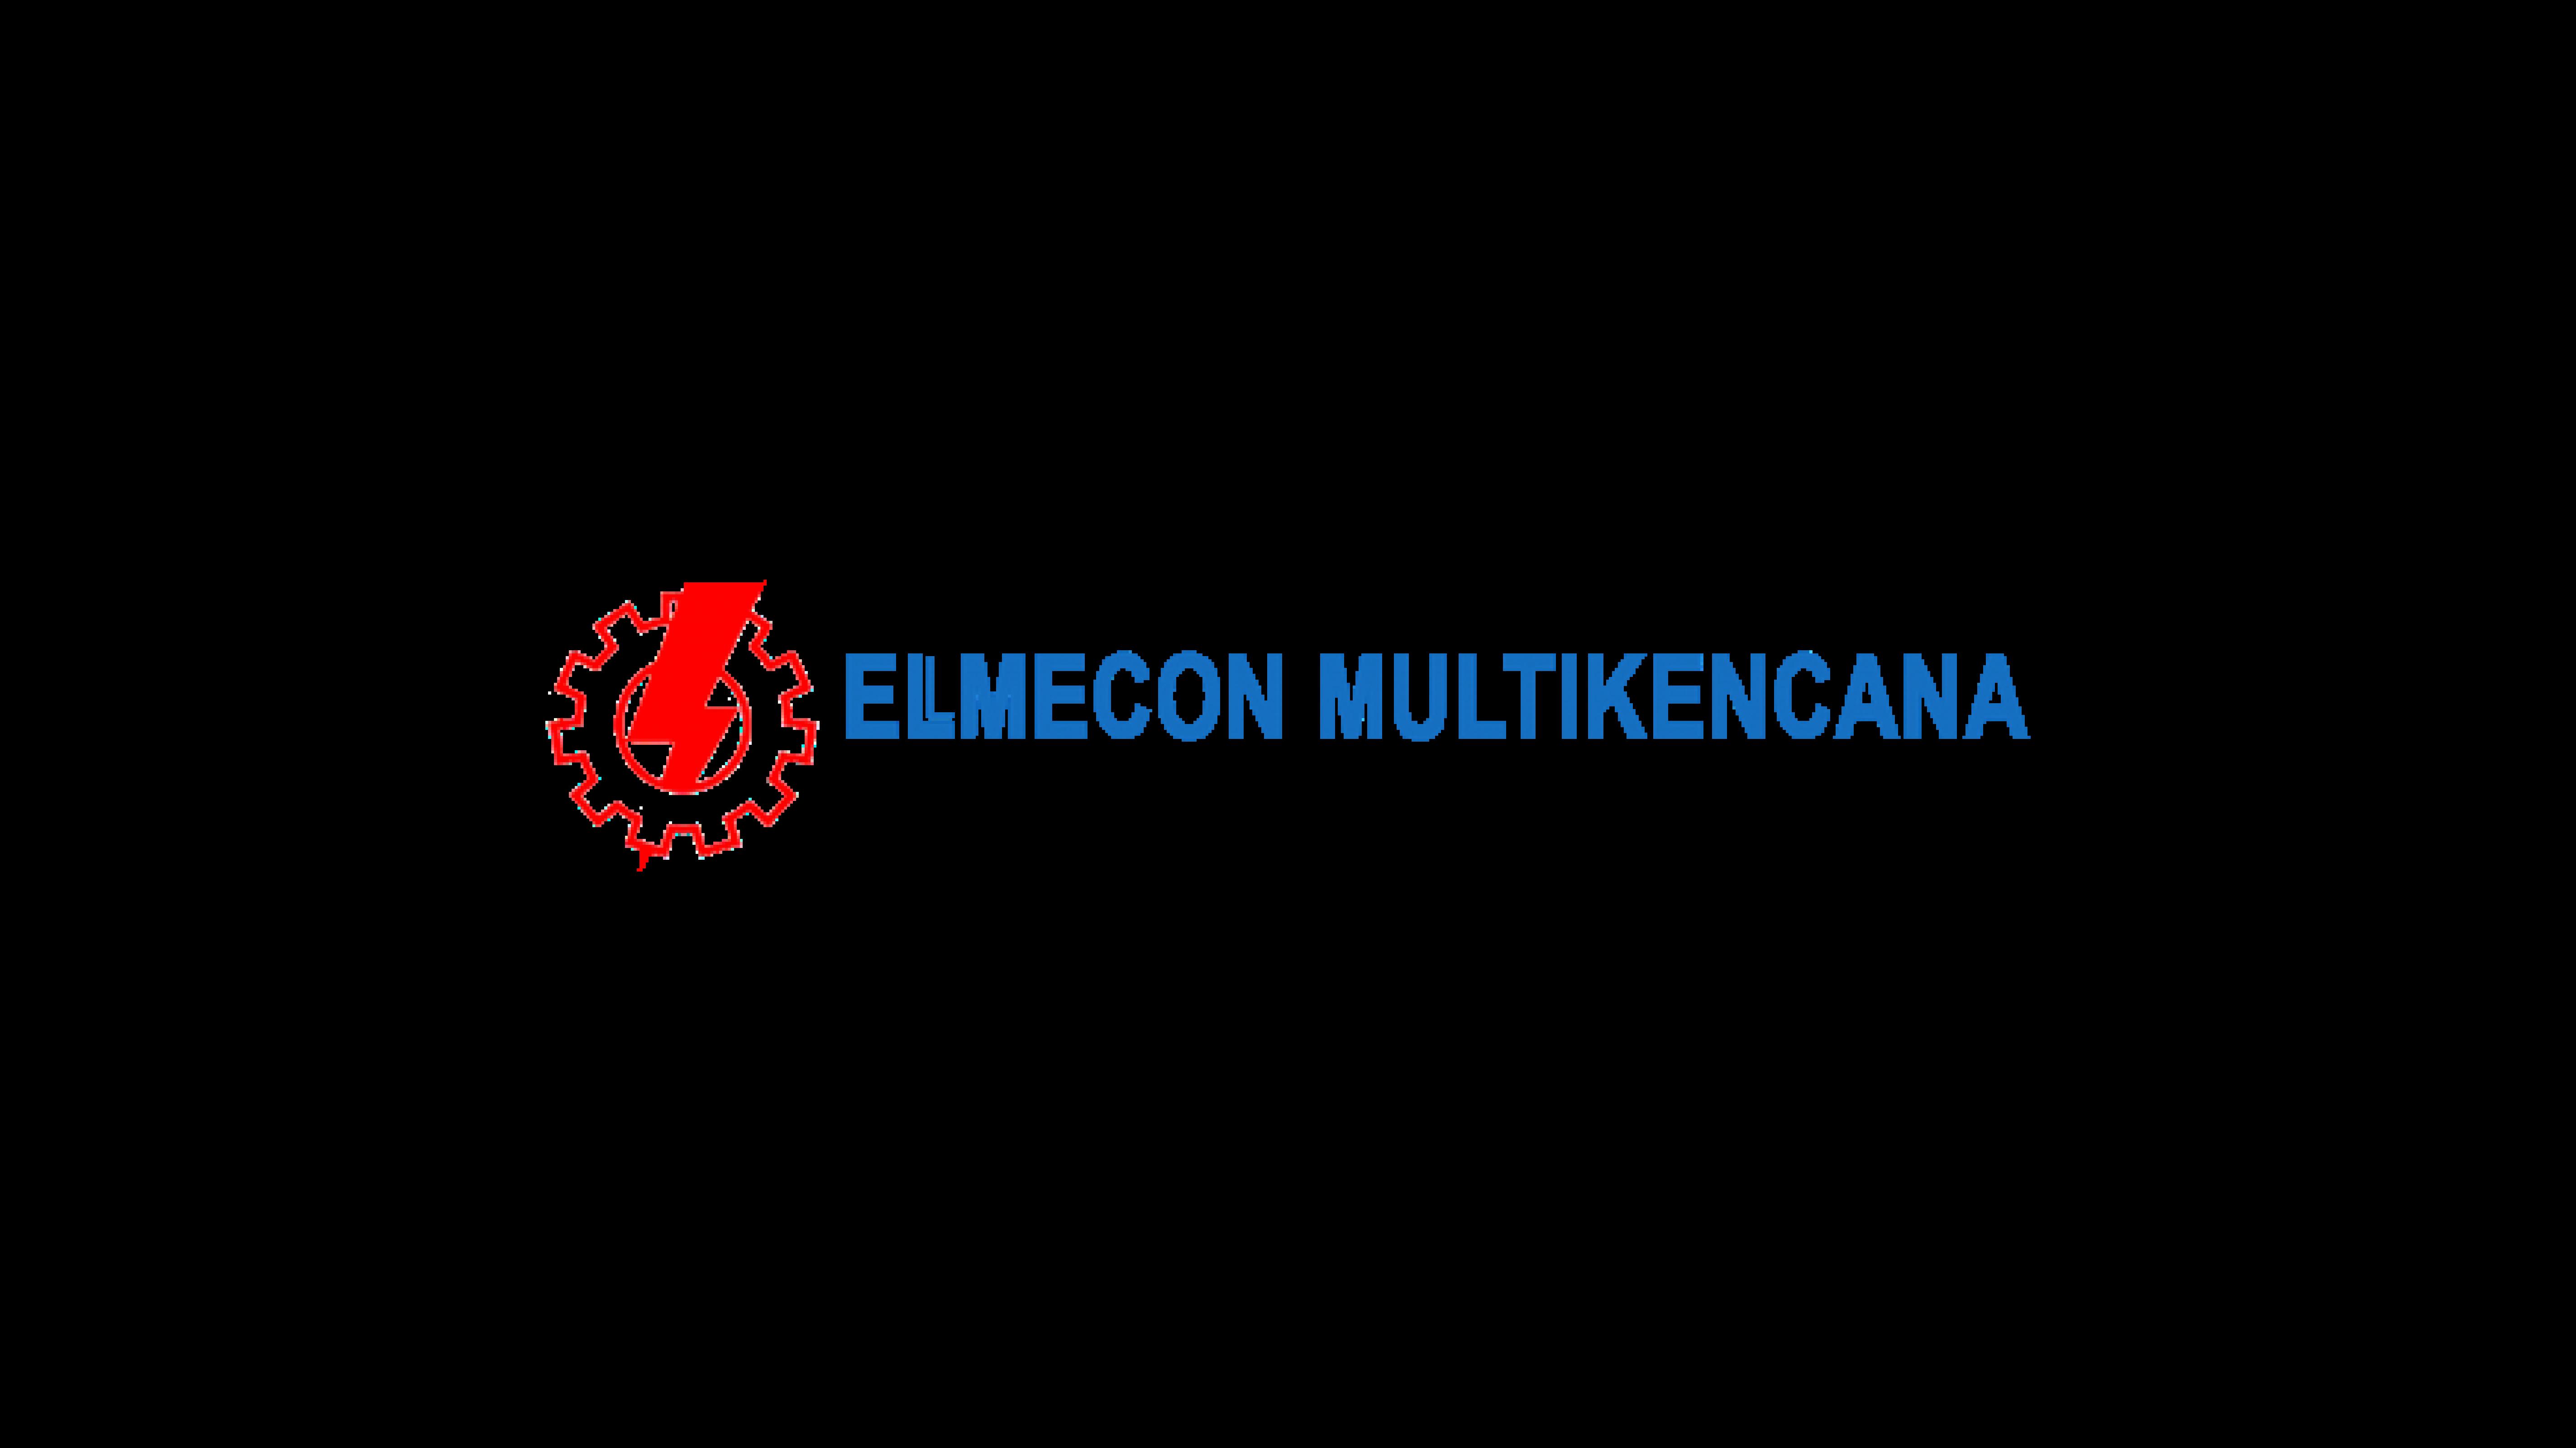 Elmecon MultiKencana